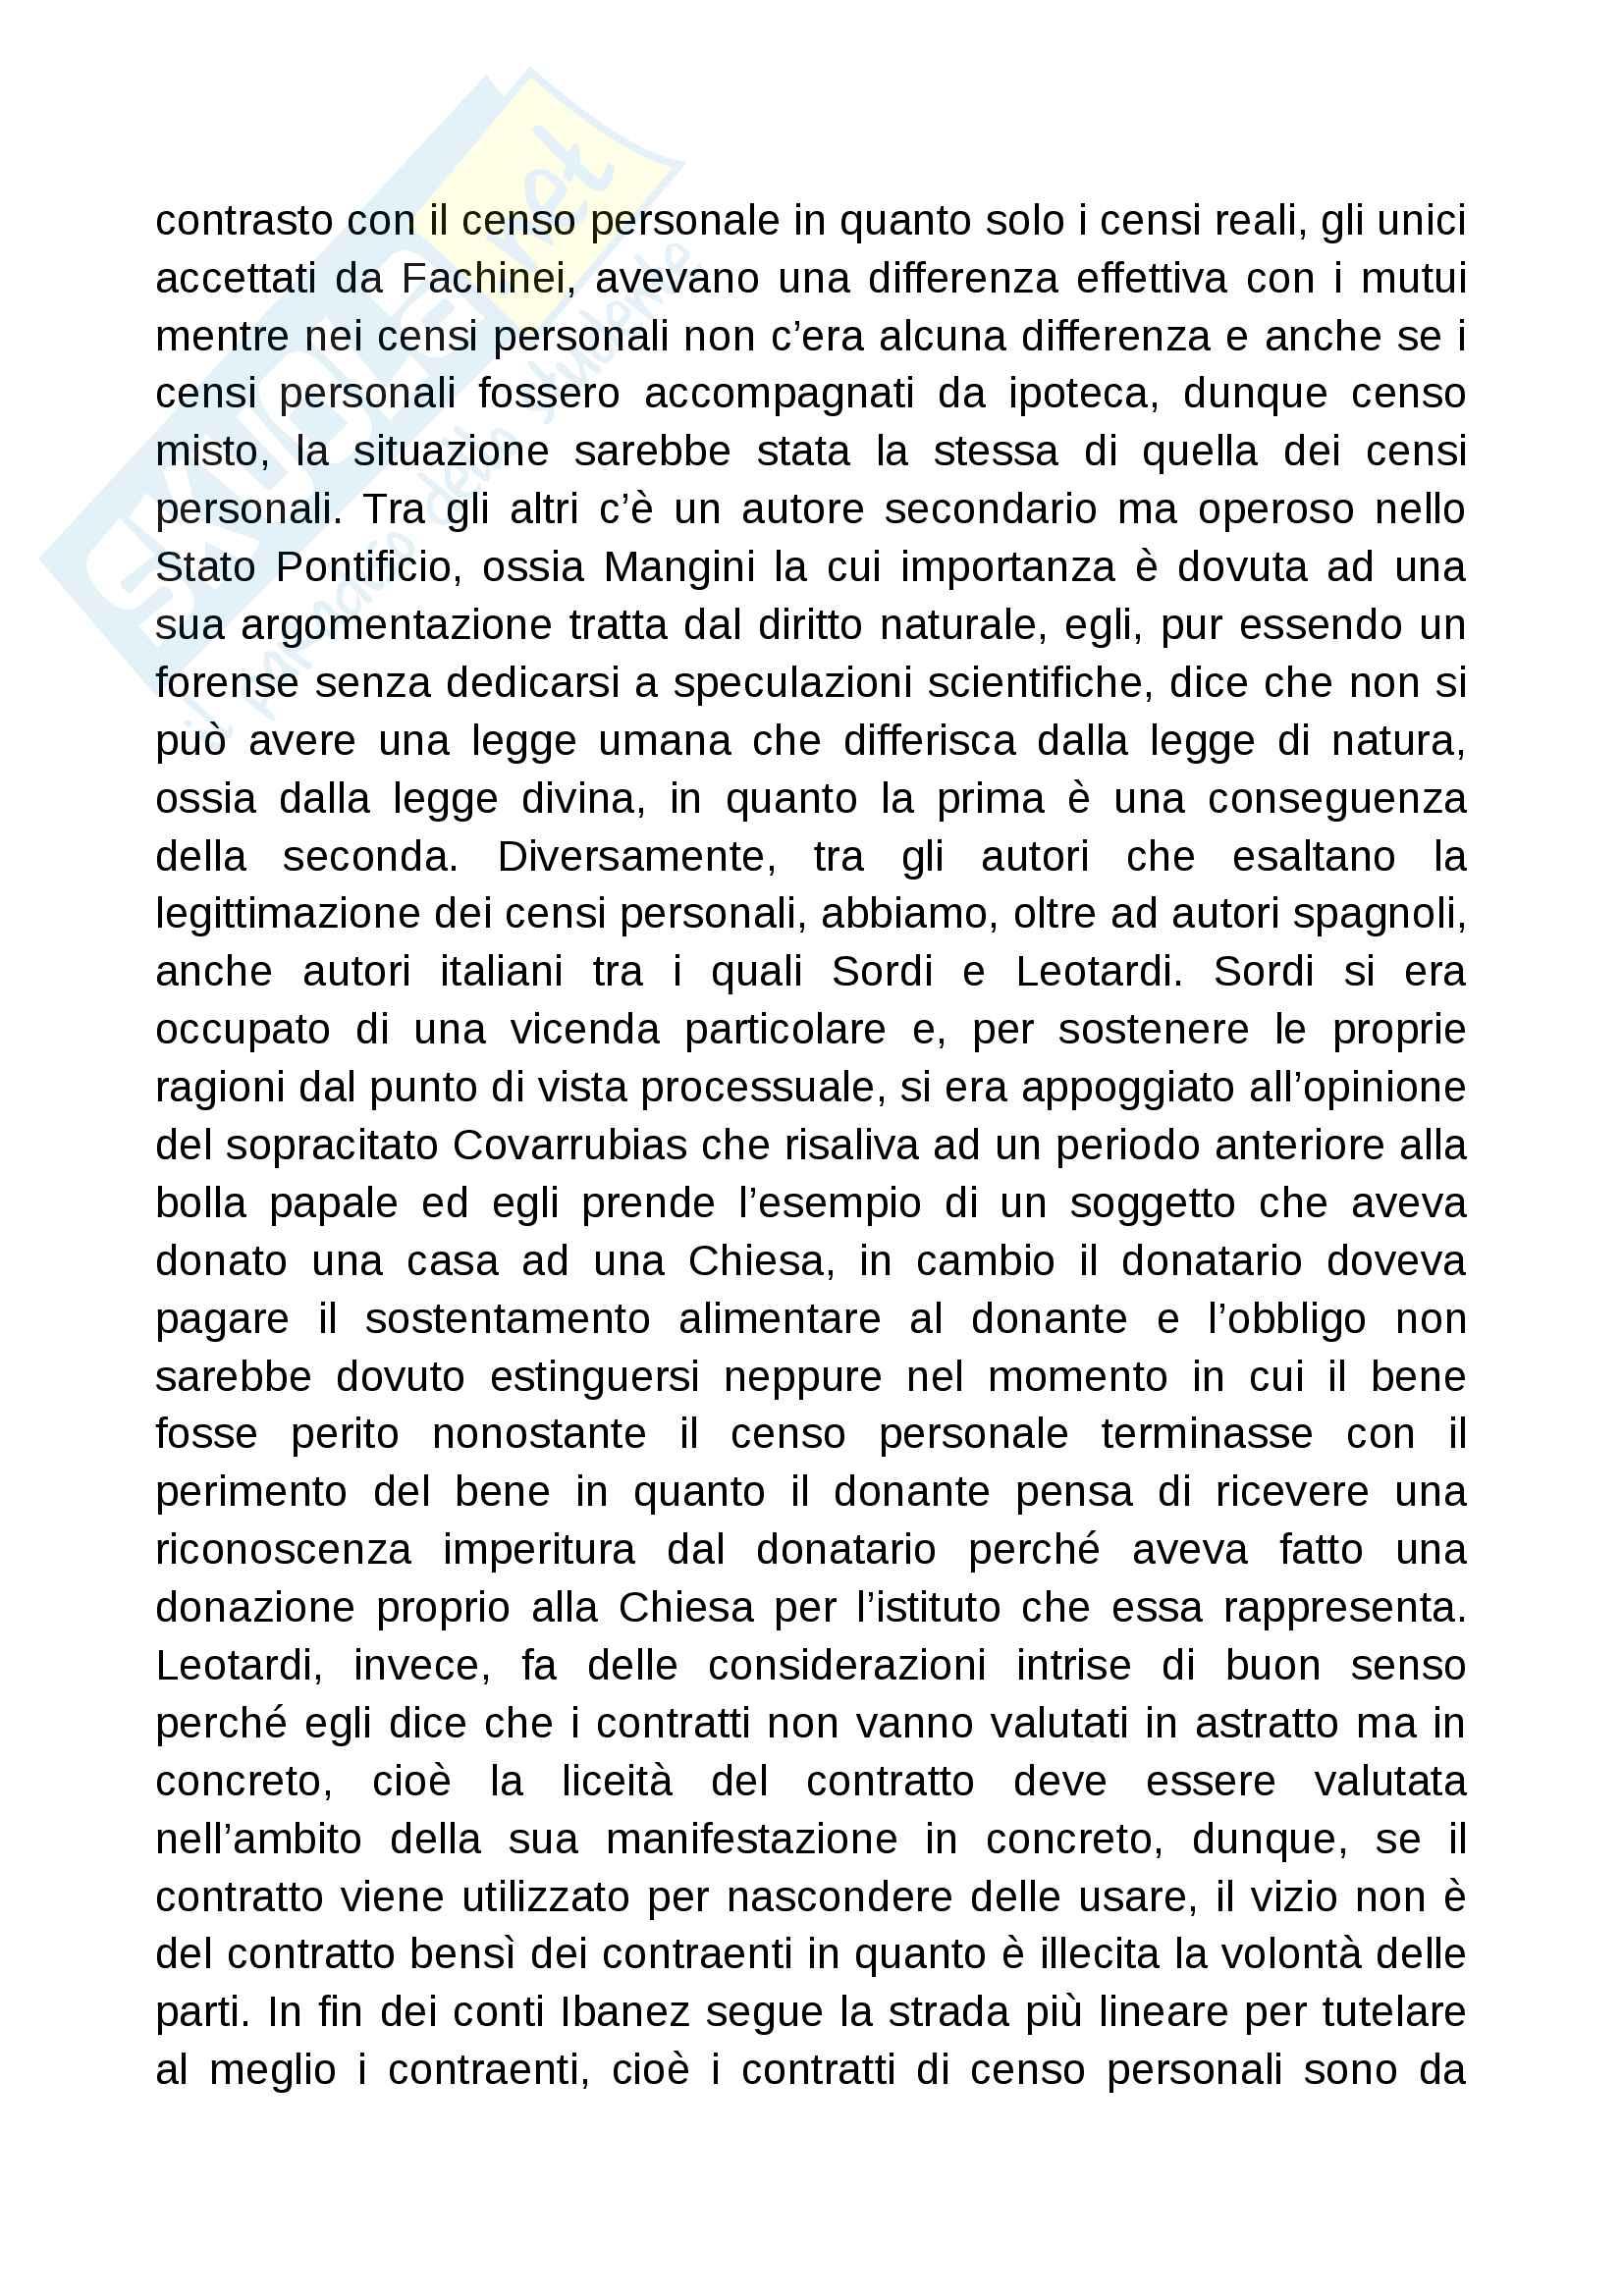 Storia del diritto II Pag. 81